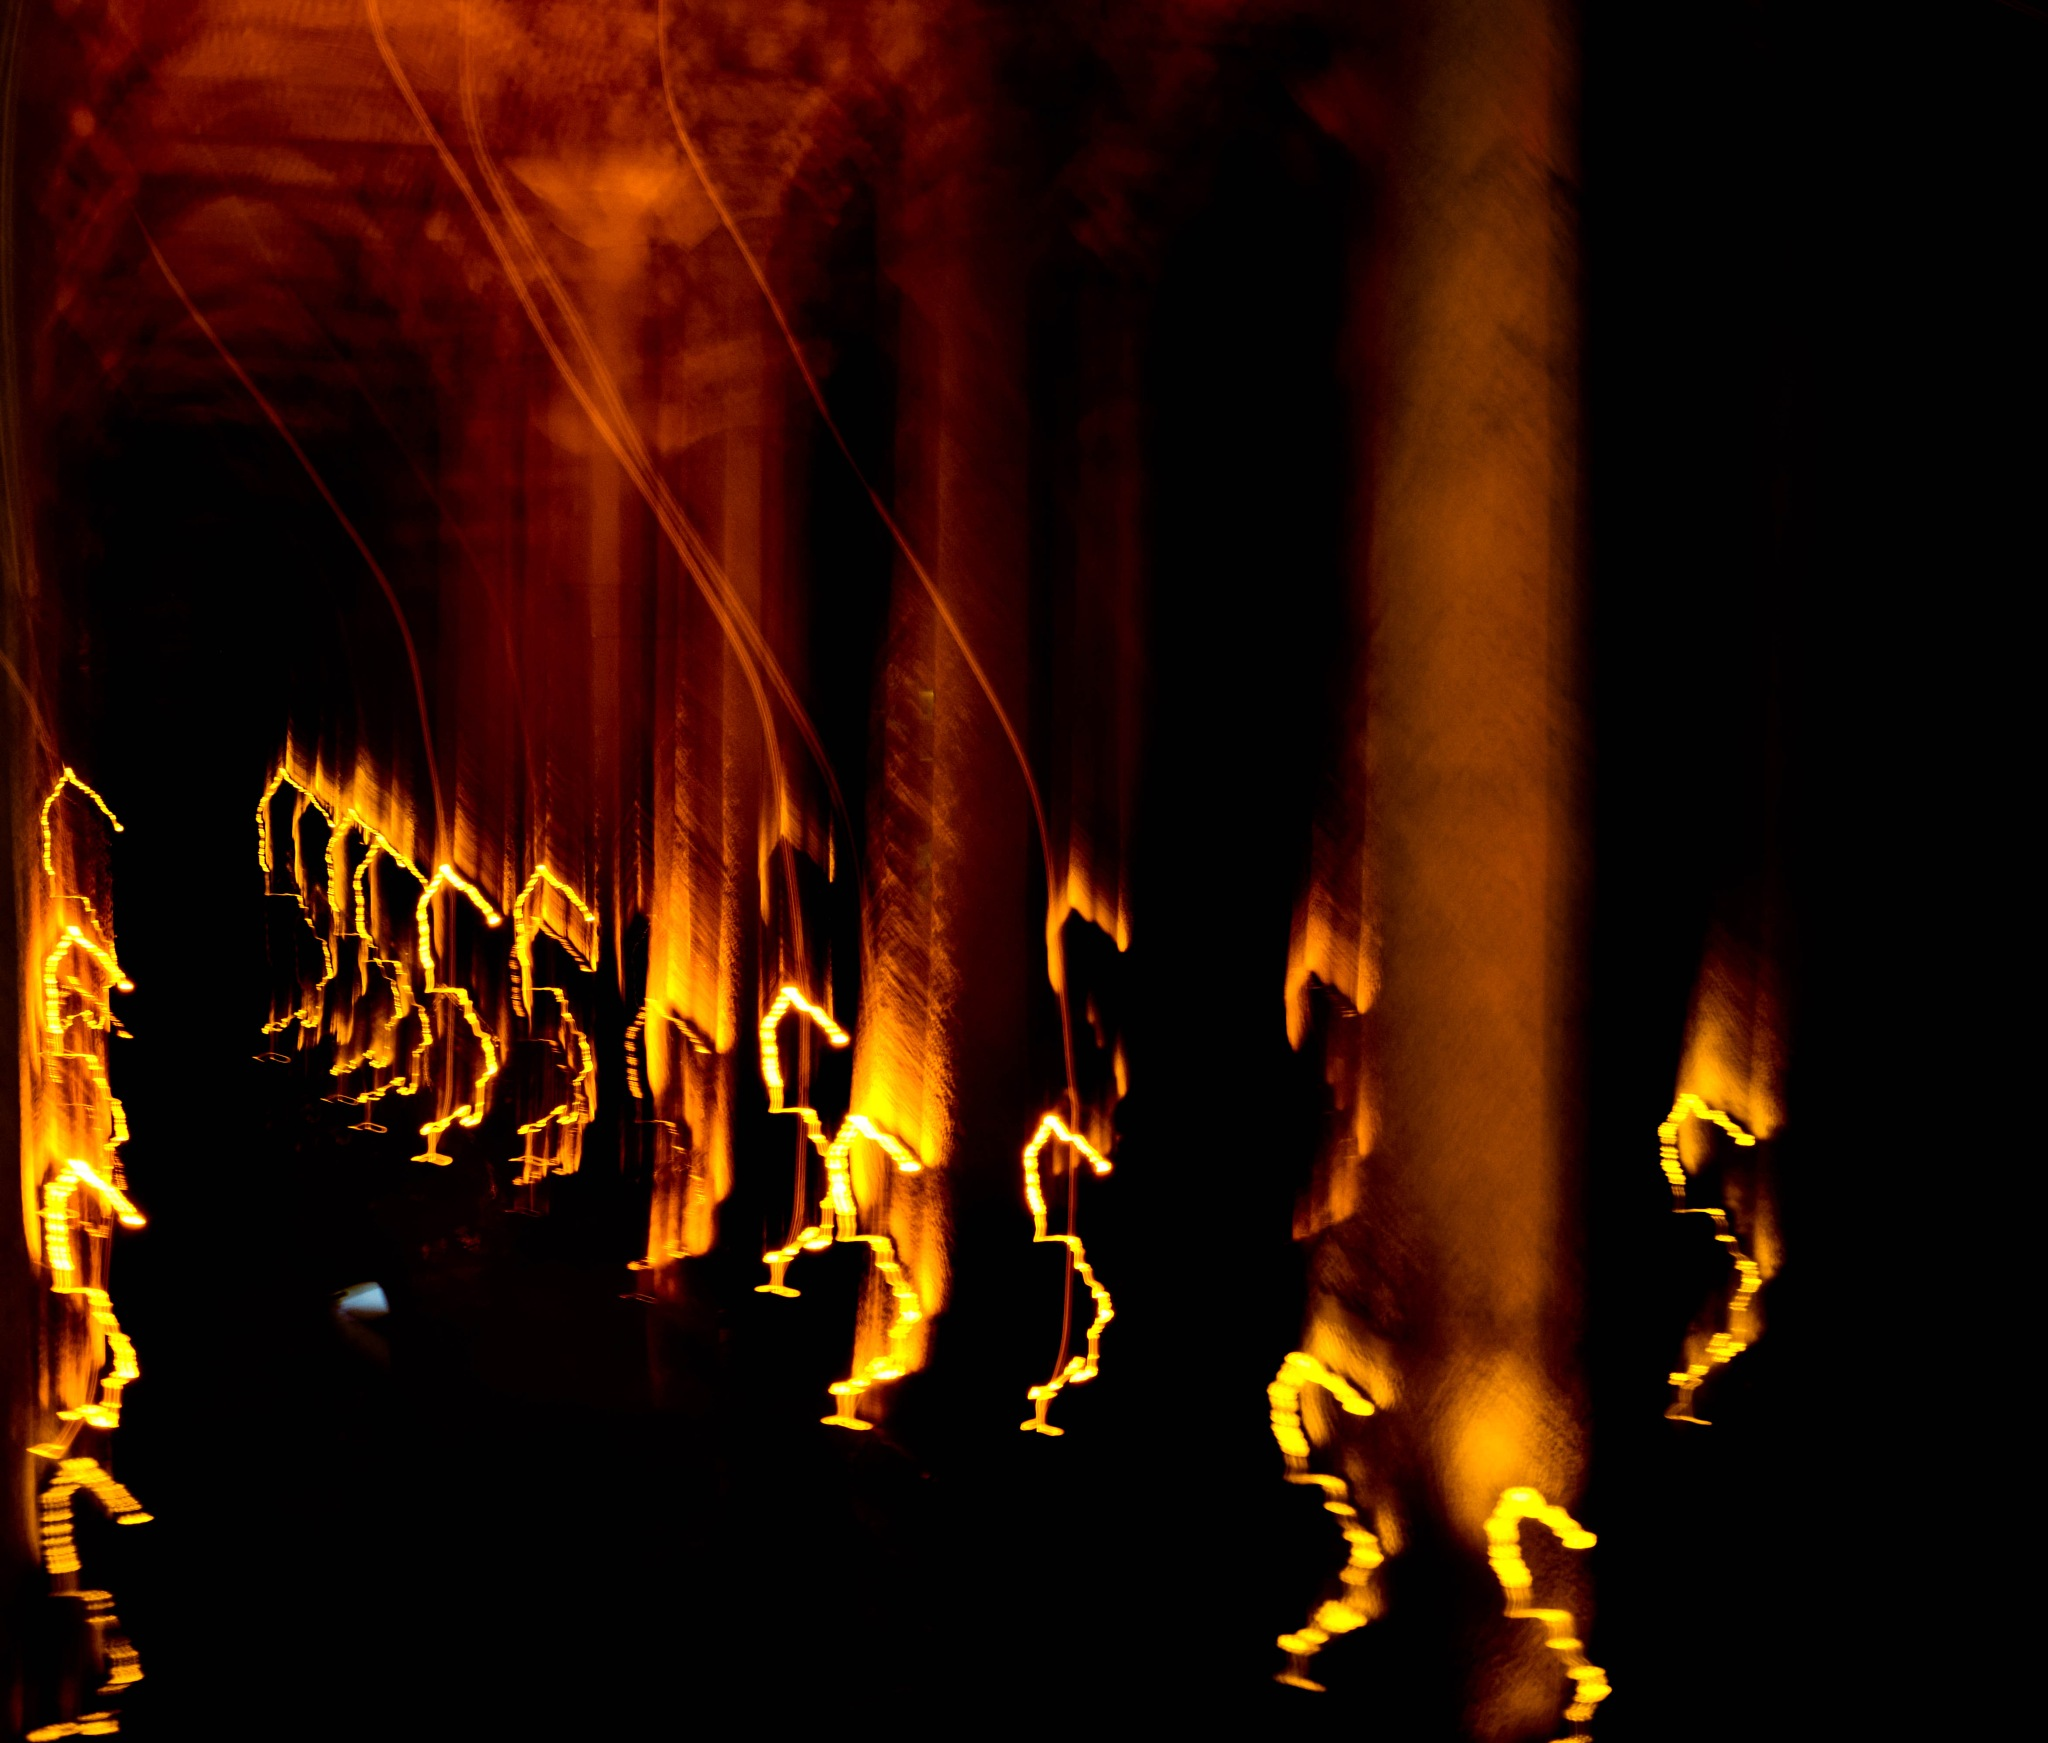 Grotto Up In Flames by Jan Bjørnaas